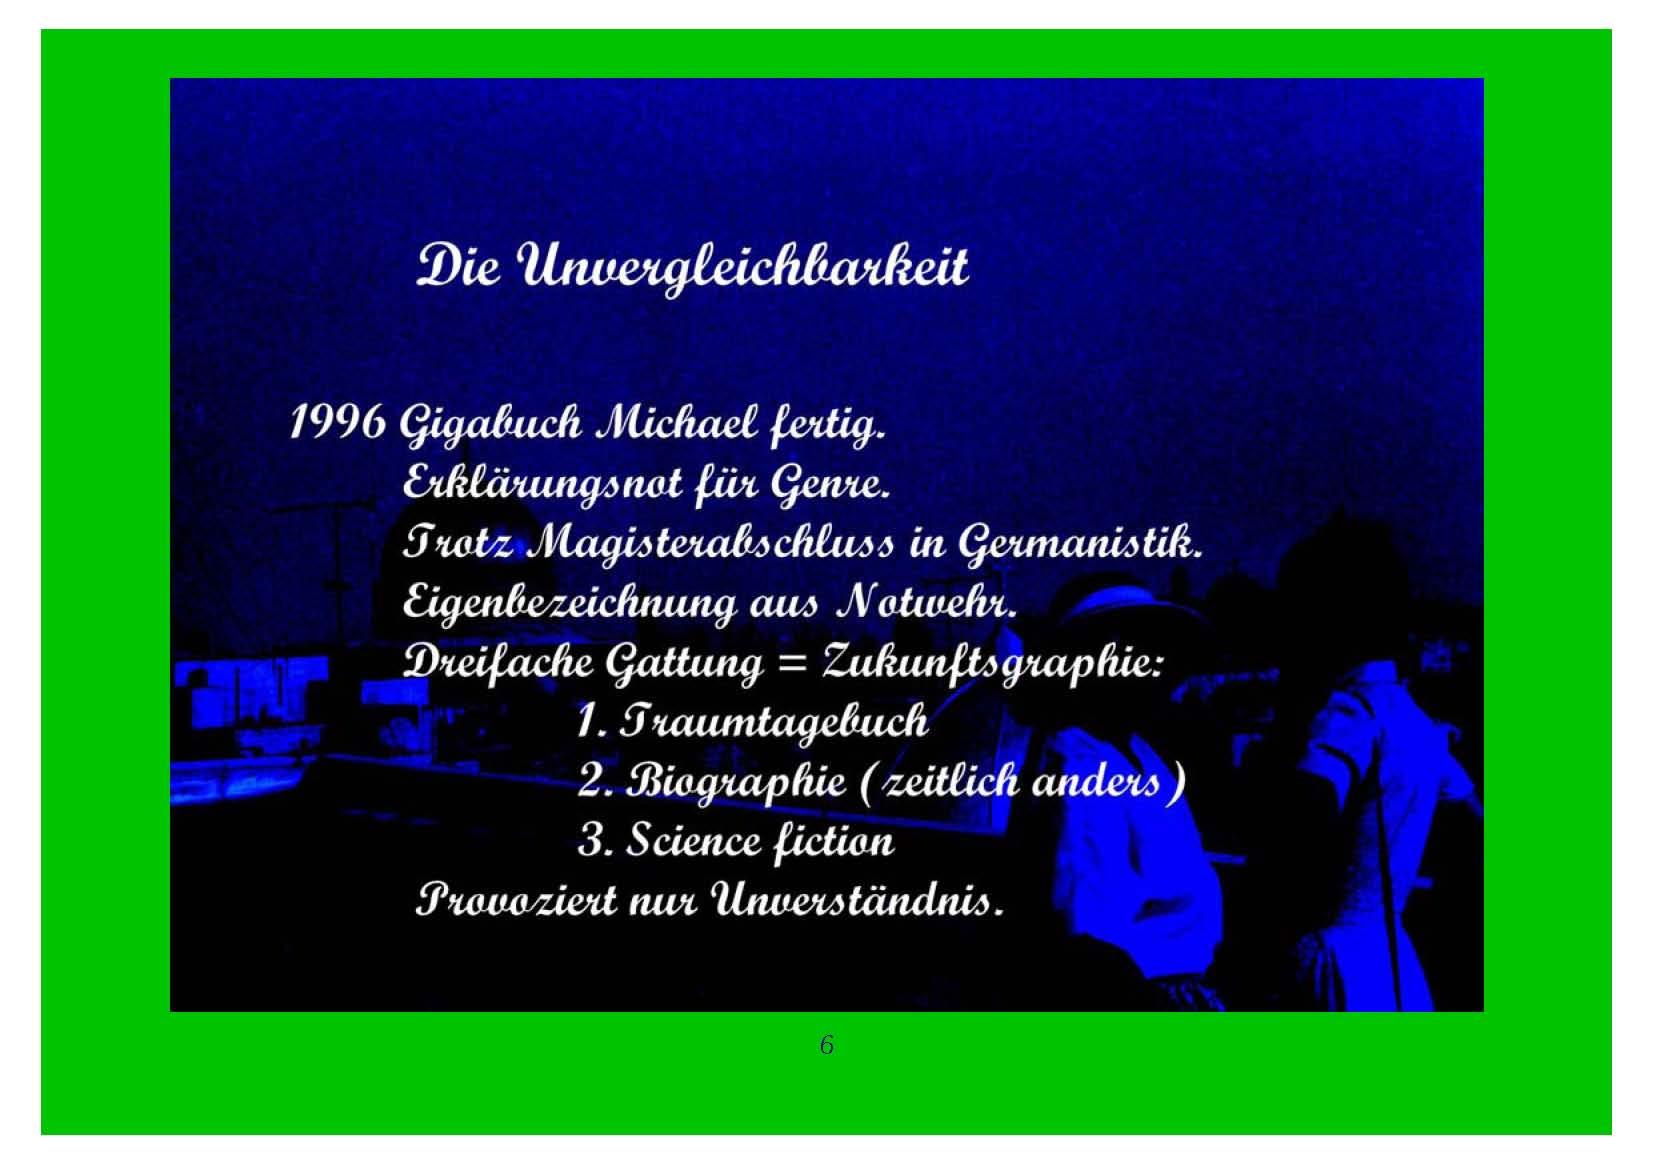 ™Gigabuch-Bibliothek/iAutobiographie Band 18/Bild 1348